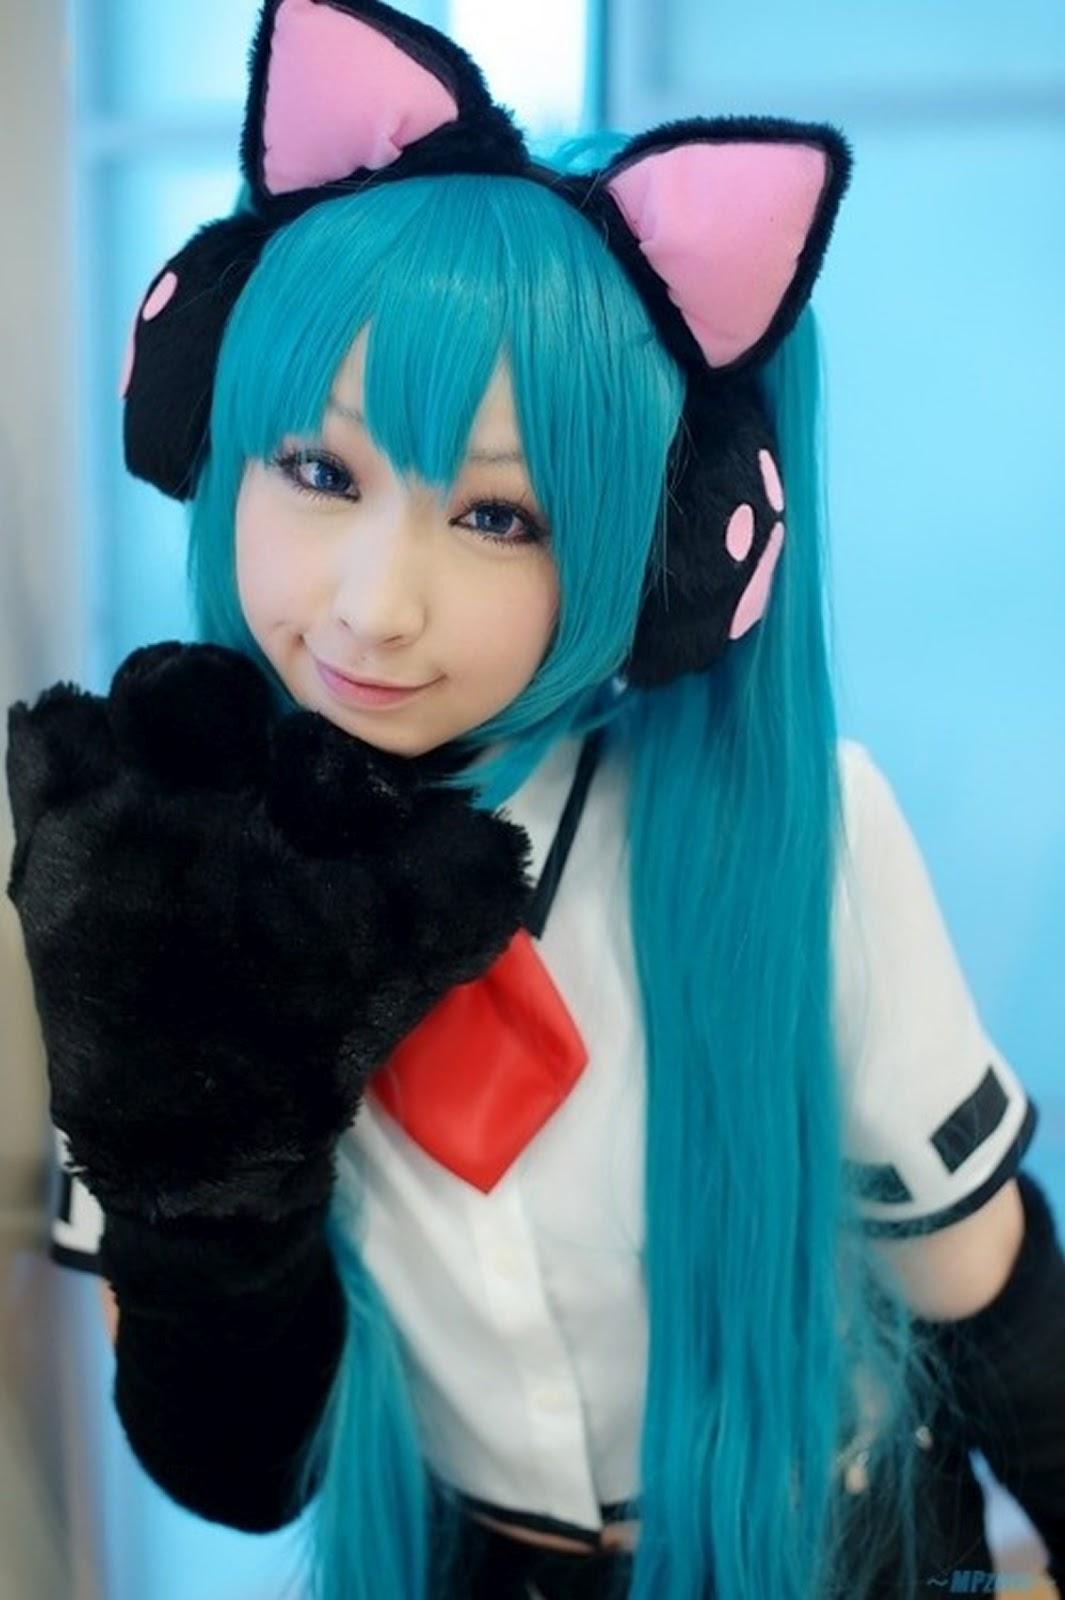 girl cat costume in Anime